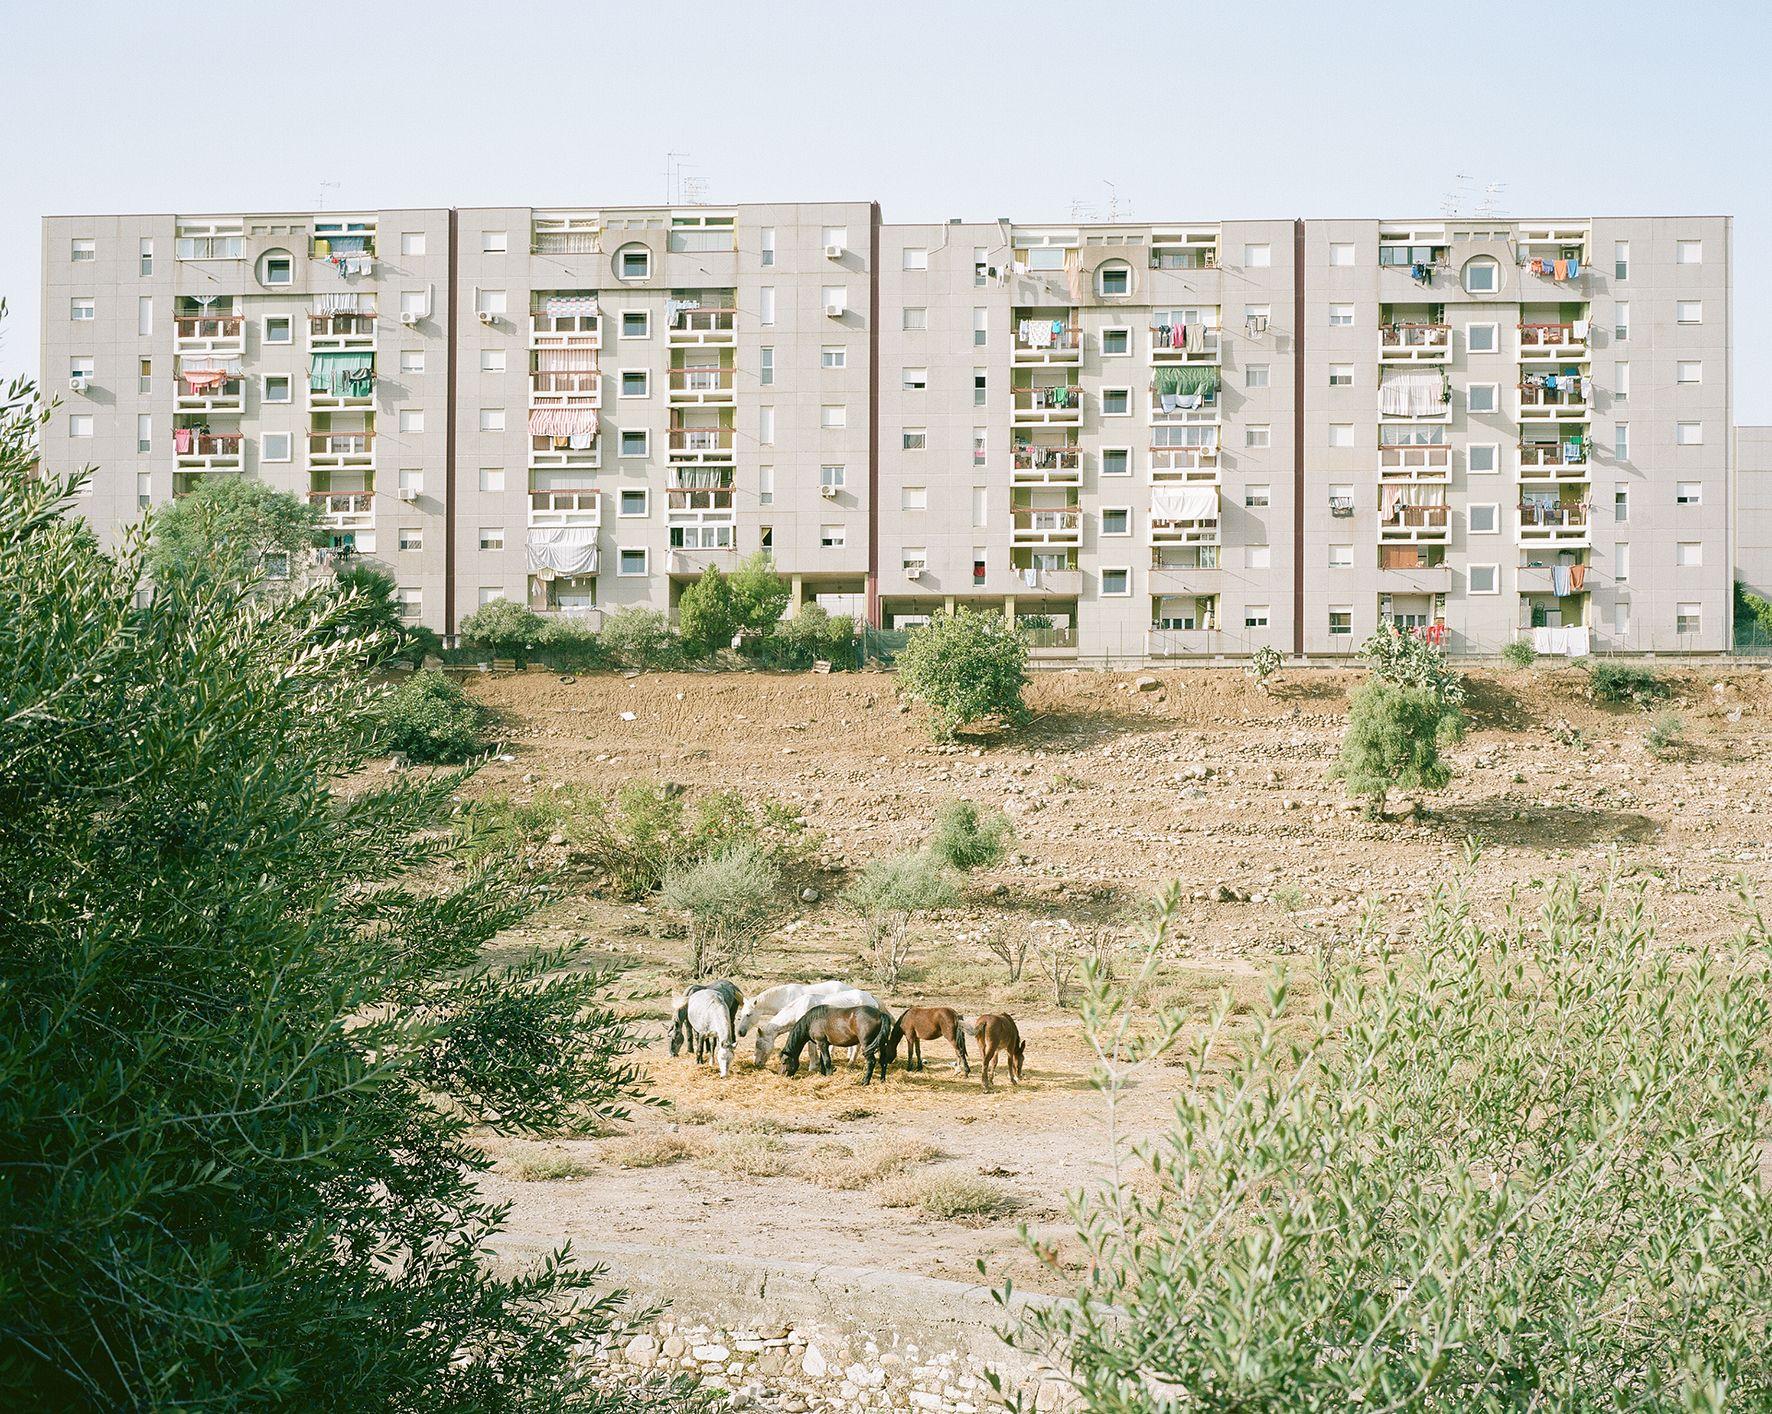 Le foto della Sicilia Fantasma di Piero Motisi, ritratto di un paesaggio quasi astratto